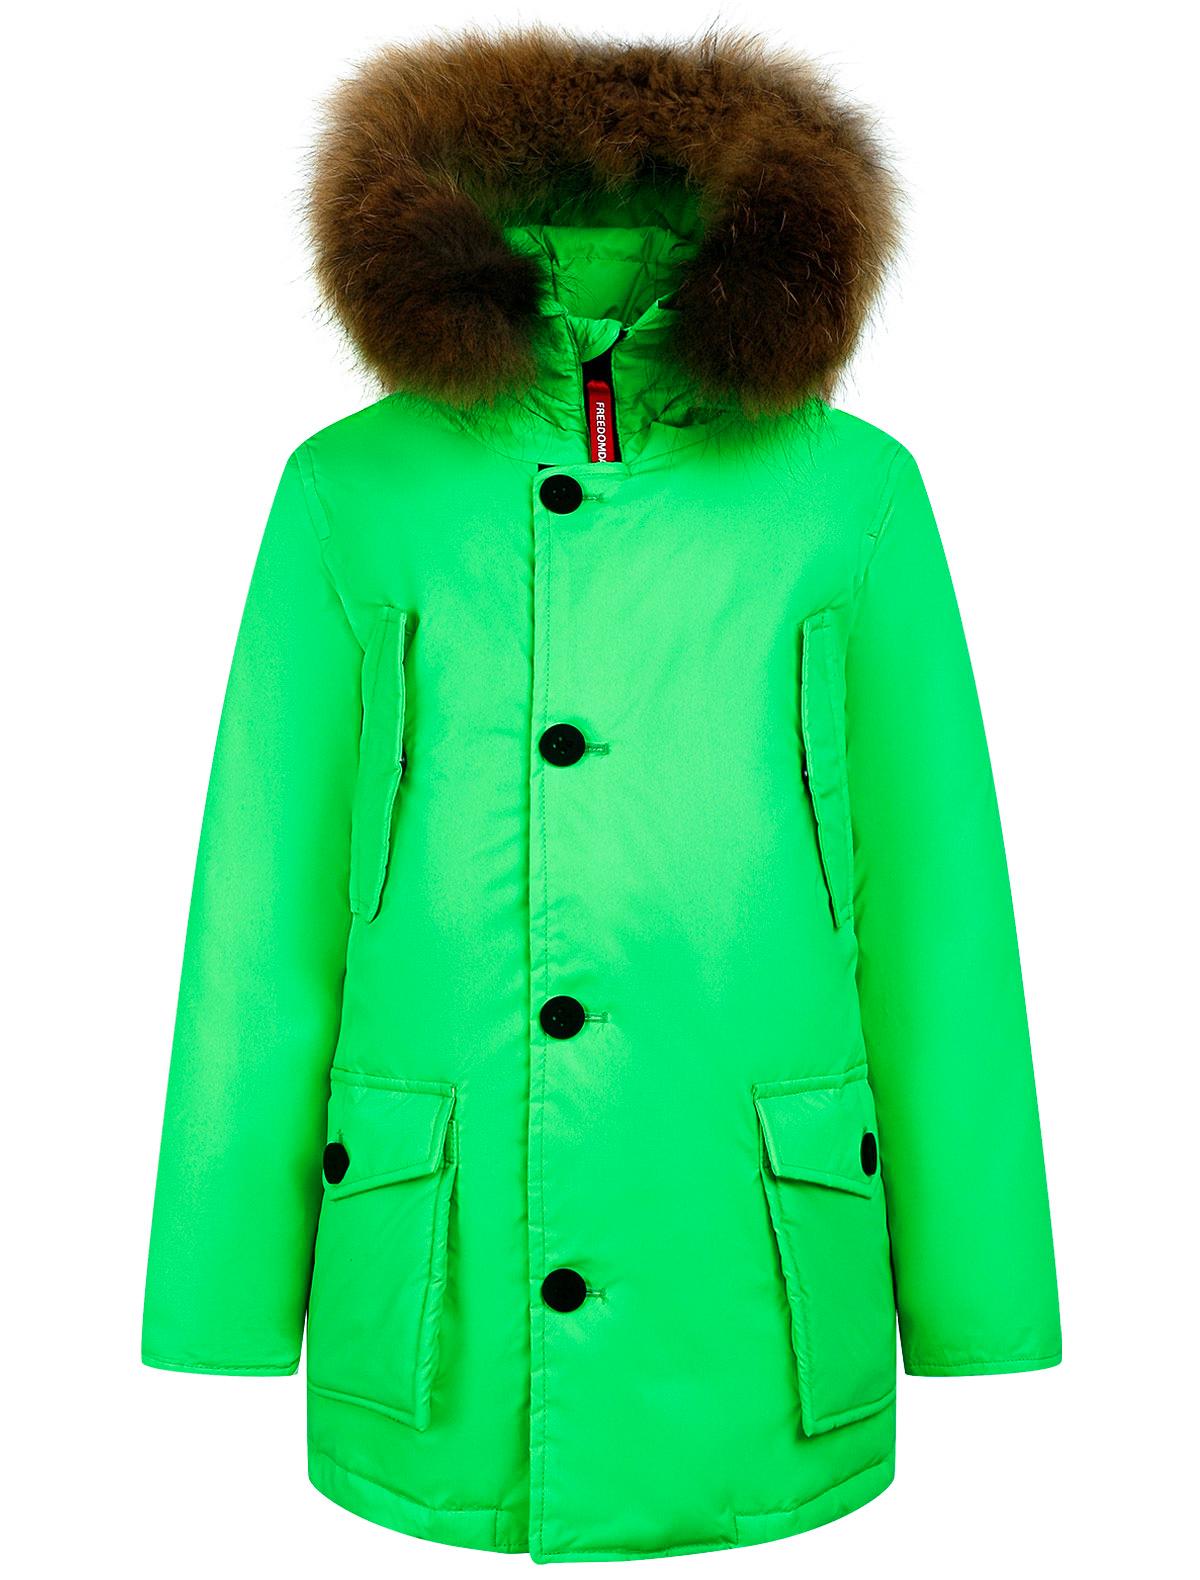 Купить 2243672, Куртка FREEDOMDAY, зеленый, Мужской, 1074519084164